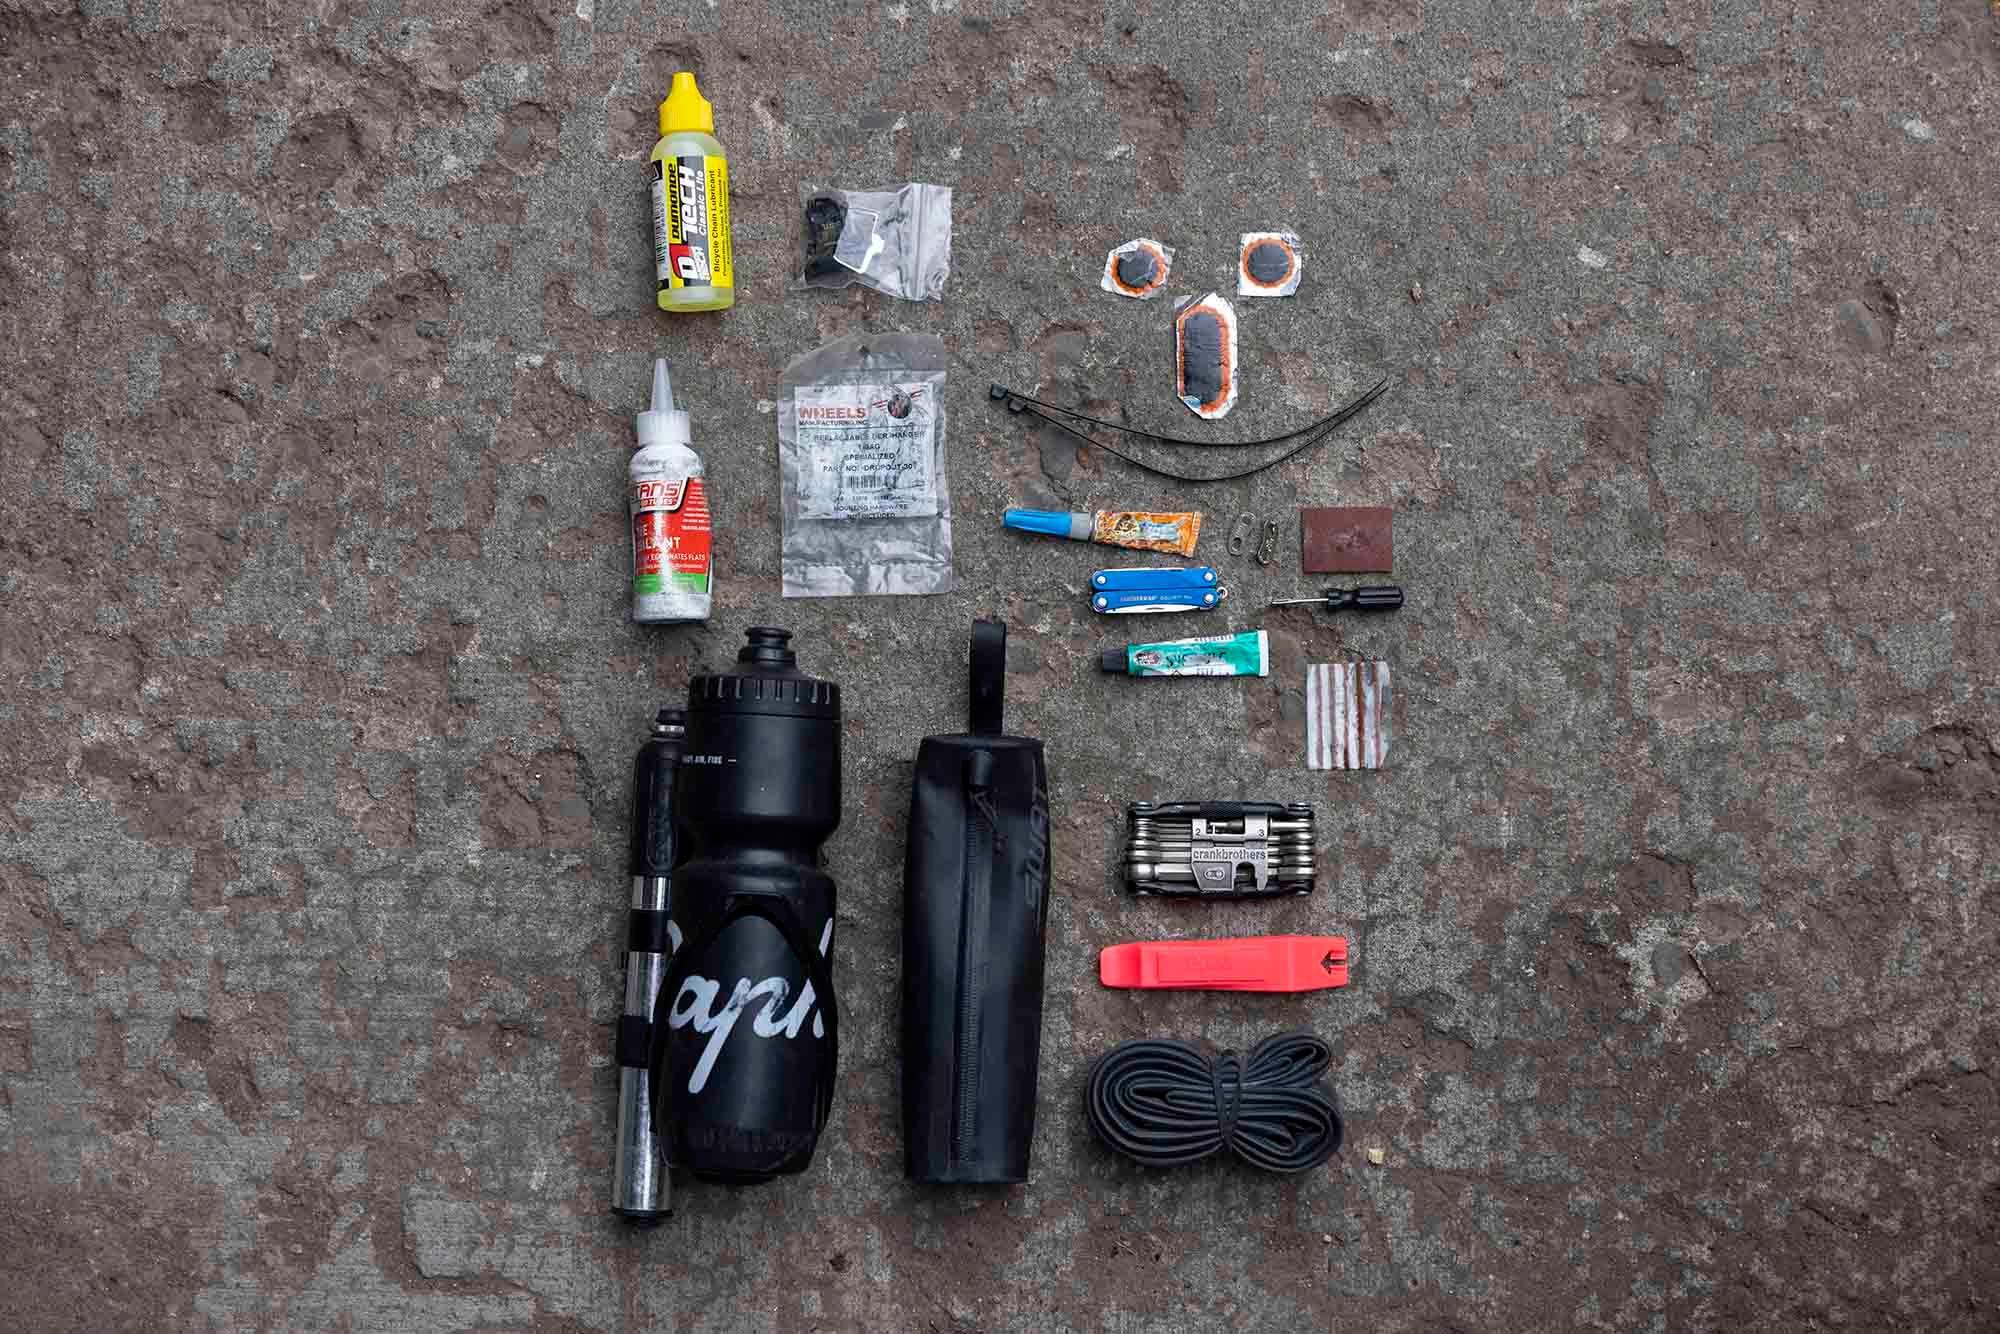 2021 July — Alaska Pipeline FKT — Bike and Gear 14 small